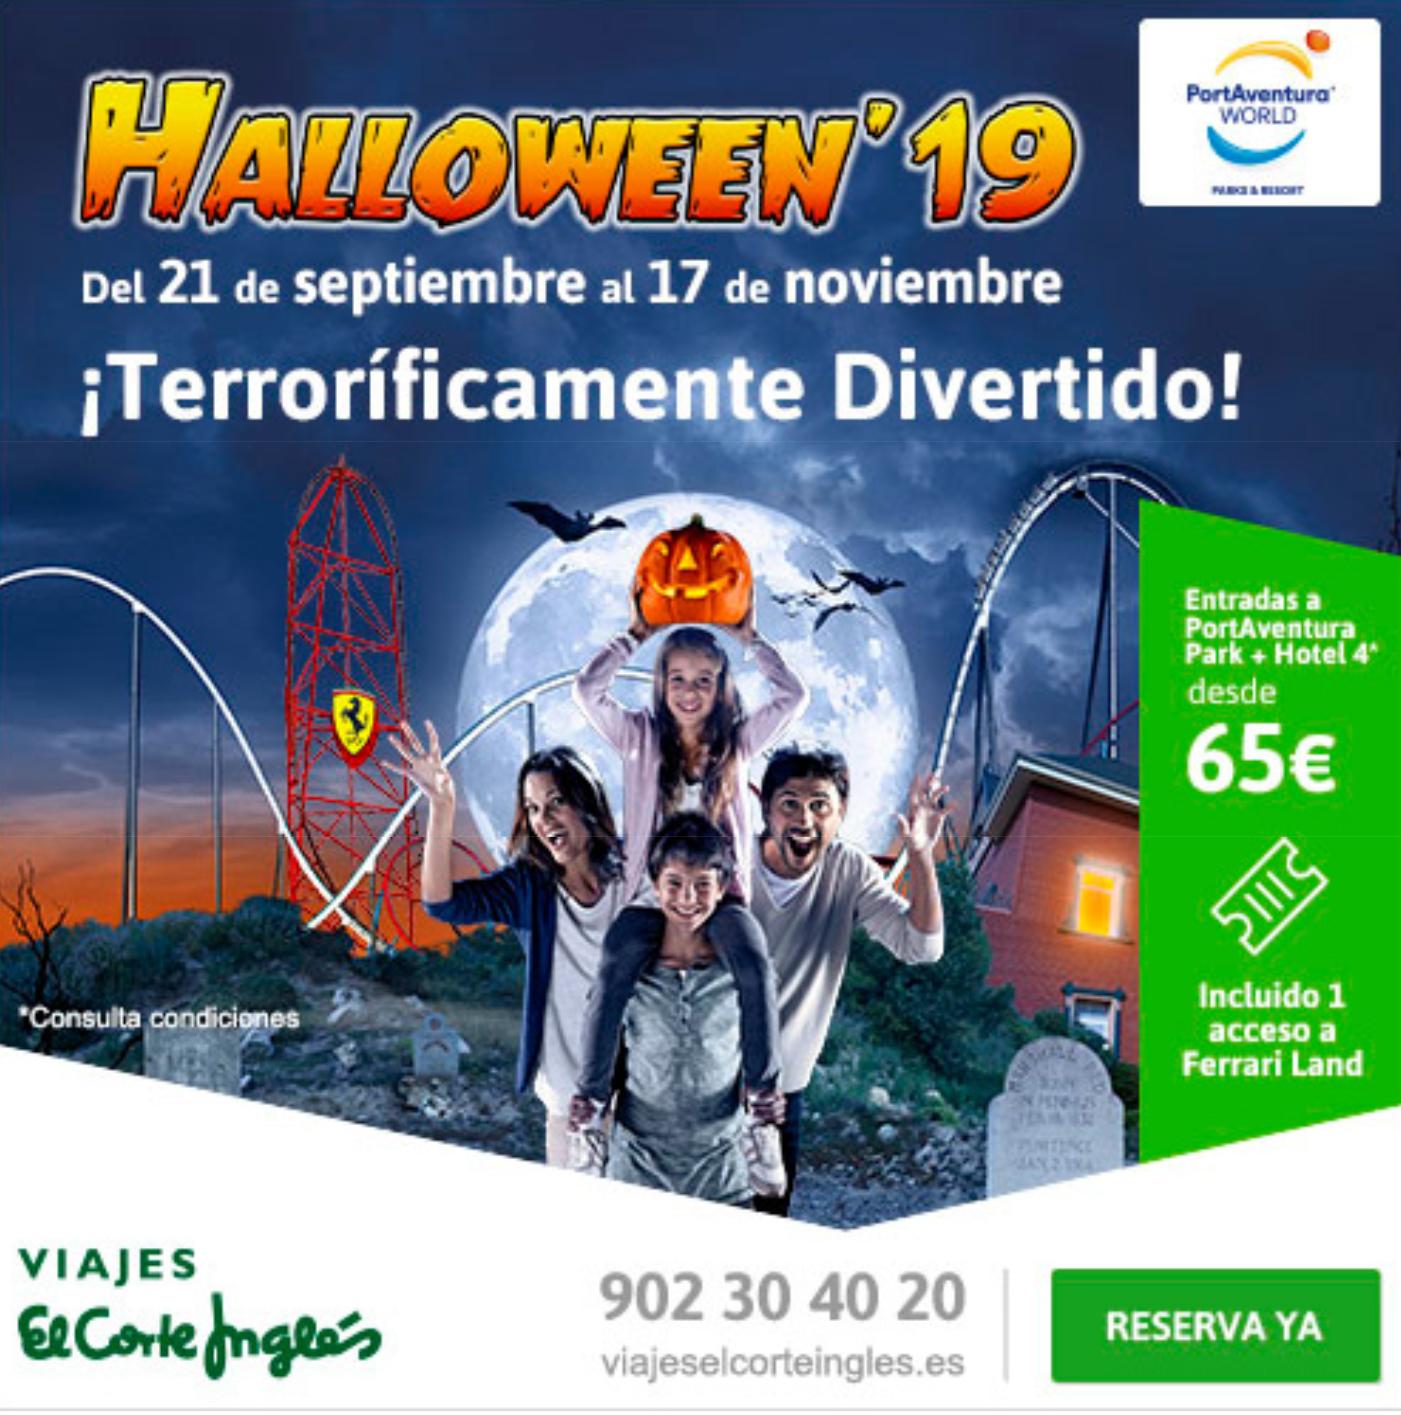 Hotel + Entradas a Portaventura World en Halloween desde 65€